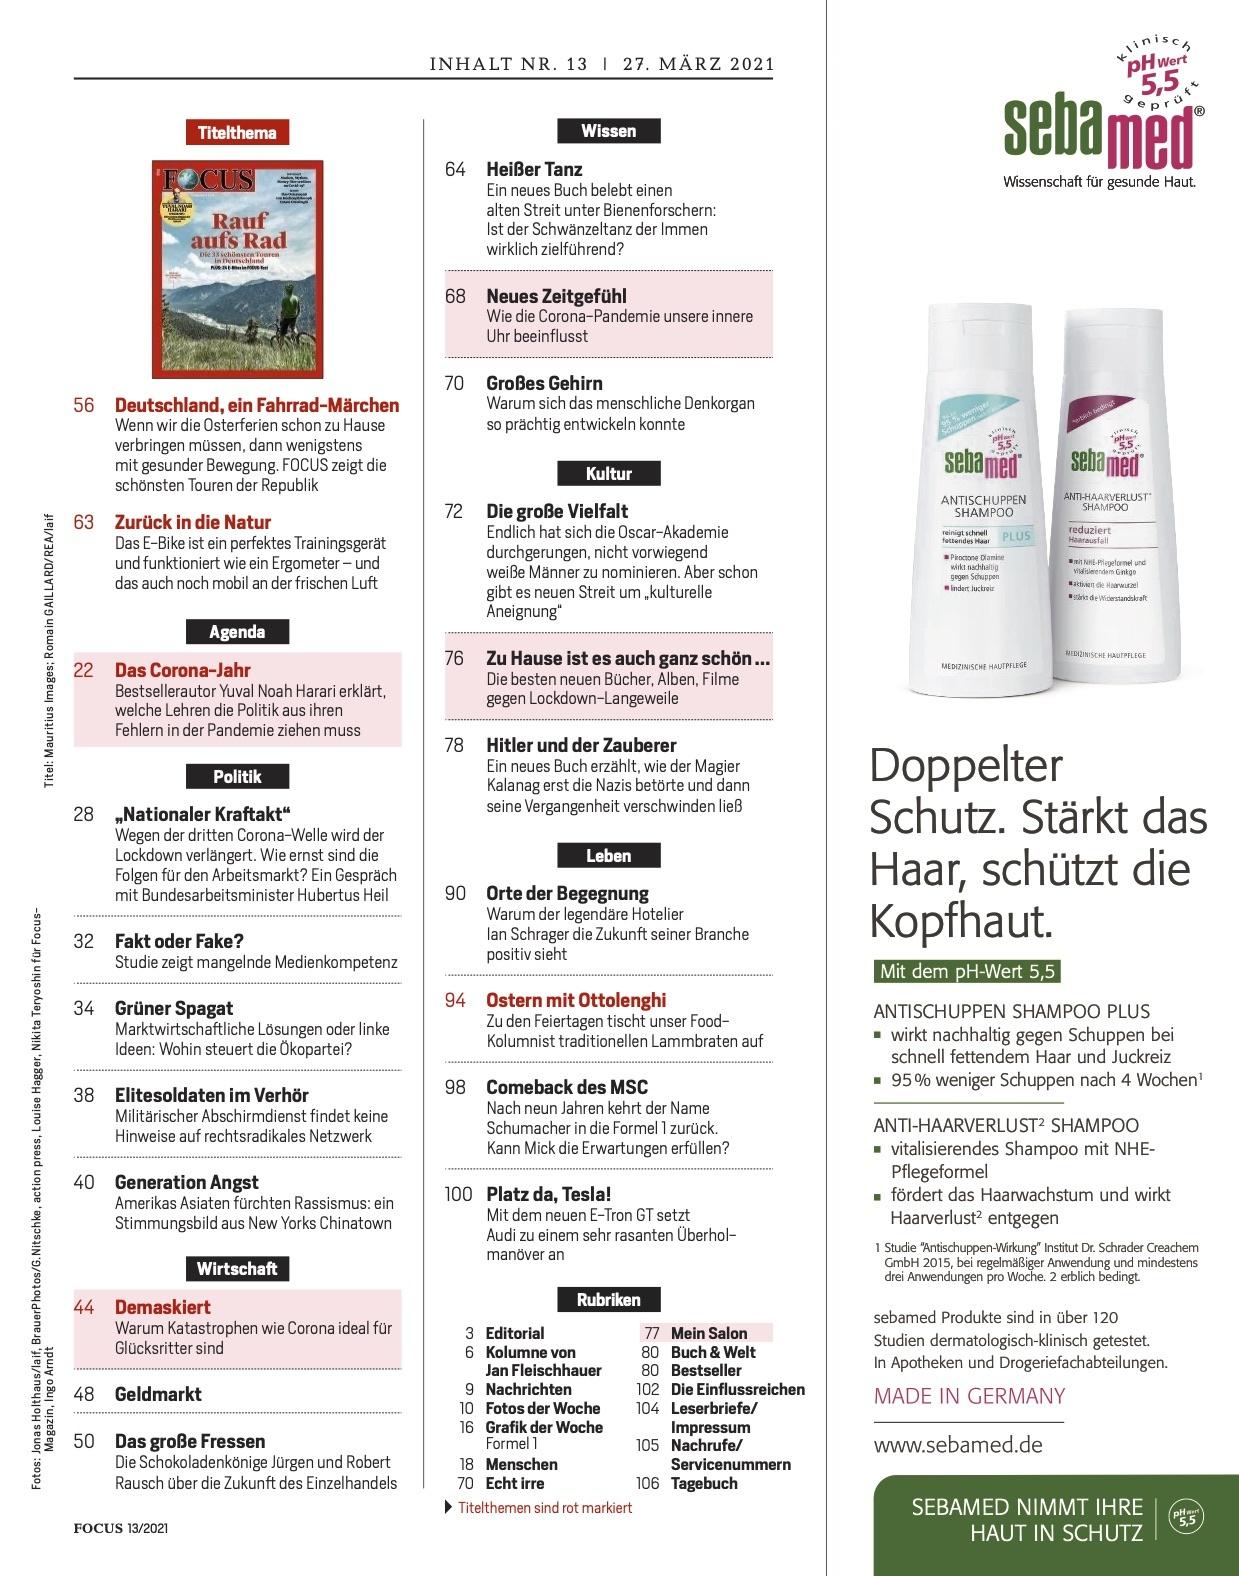 FOCUS Magazin FOCUS Magazin - Rauf aufs Rad